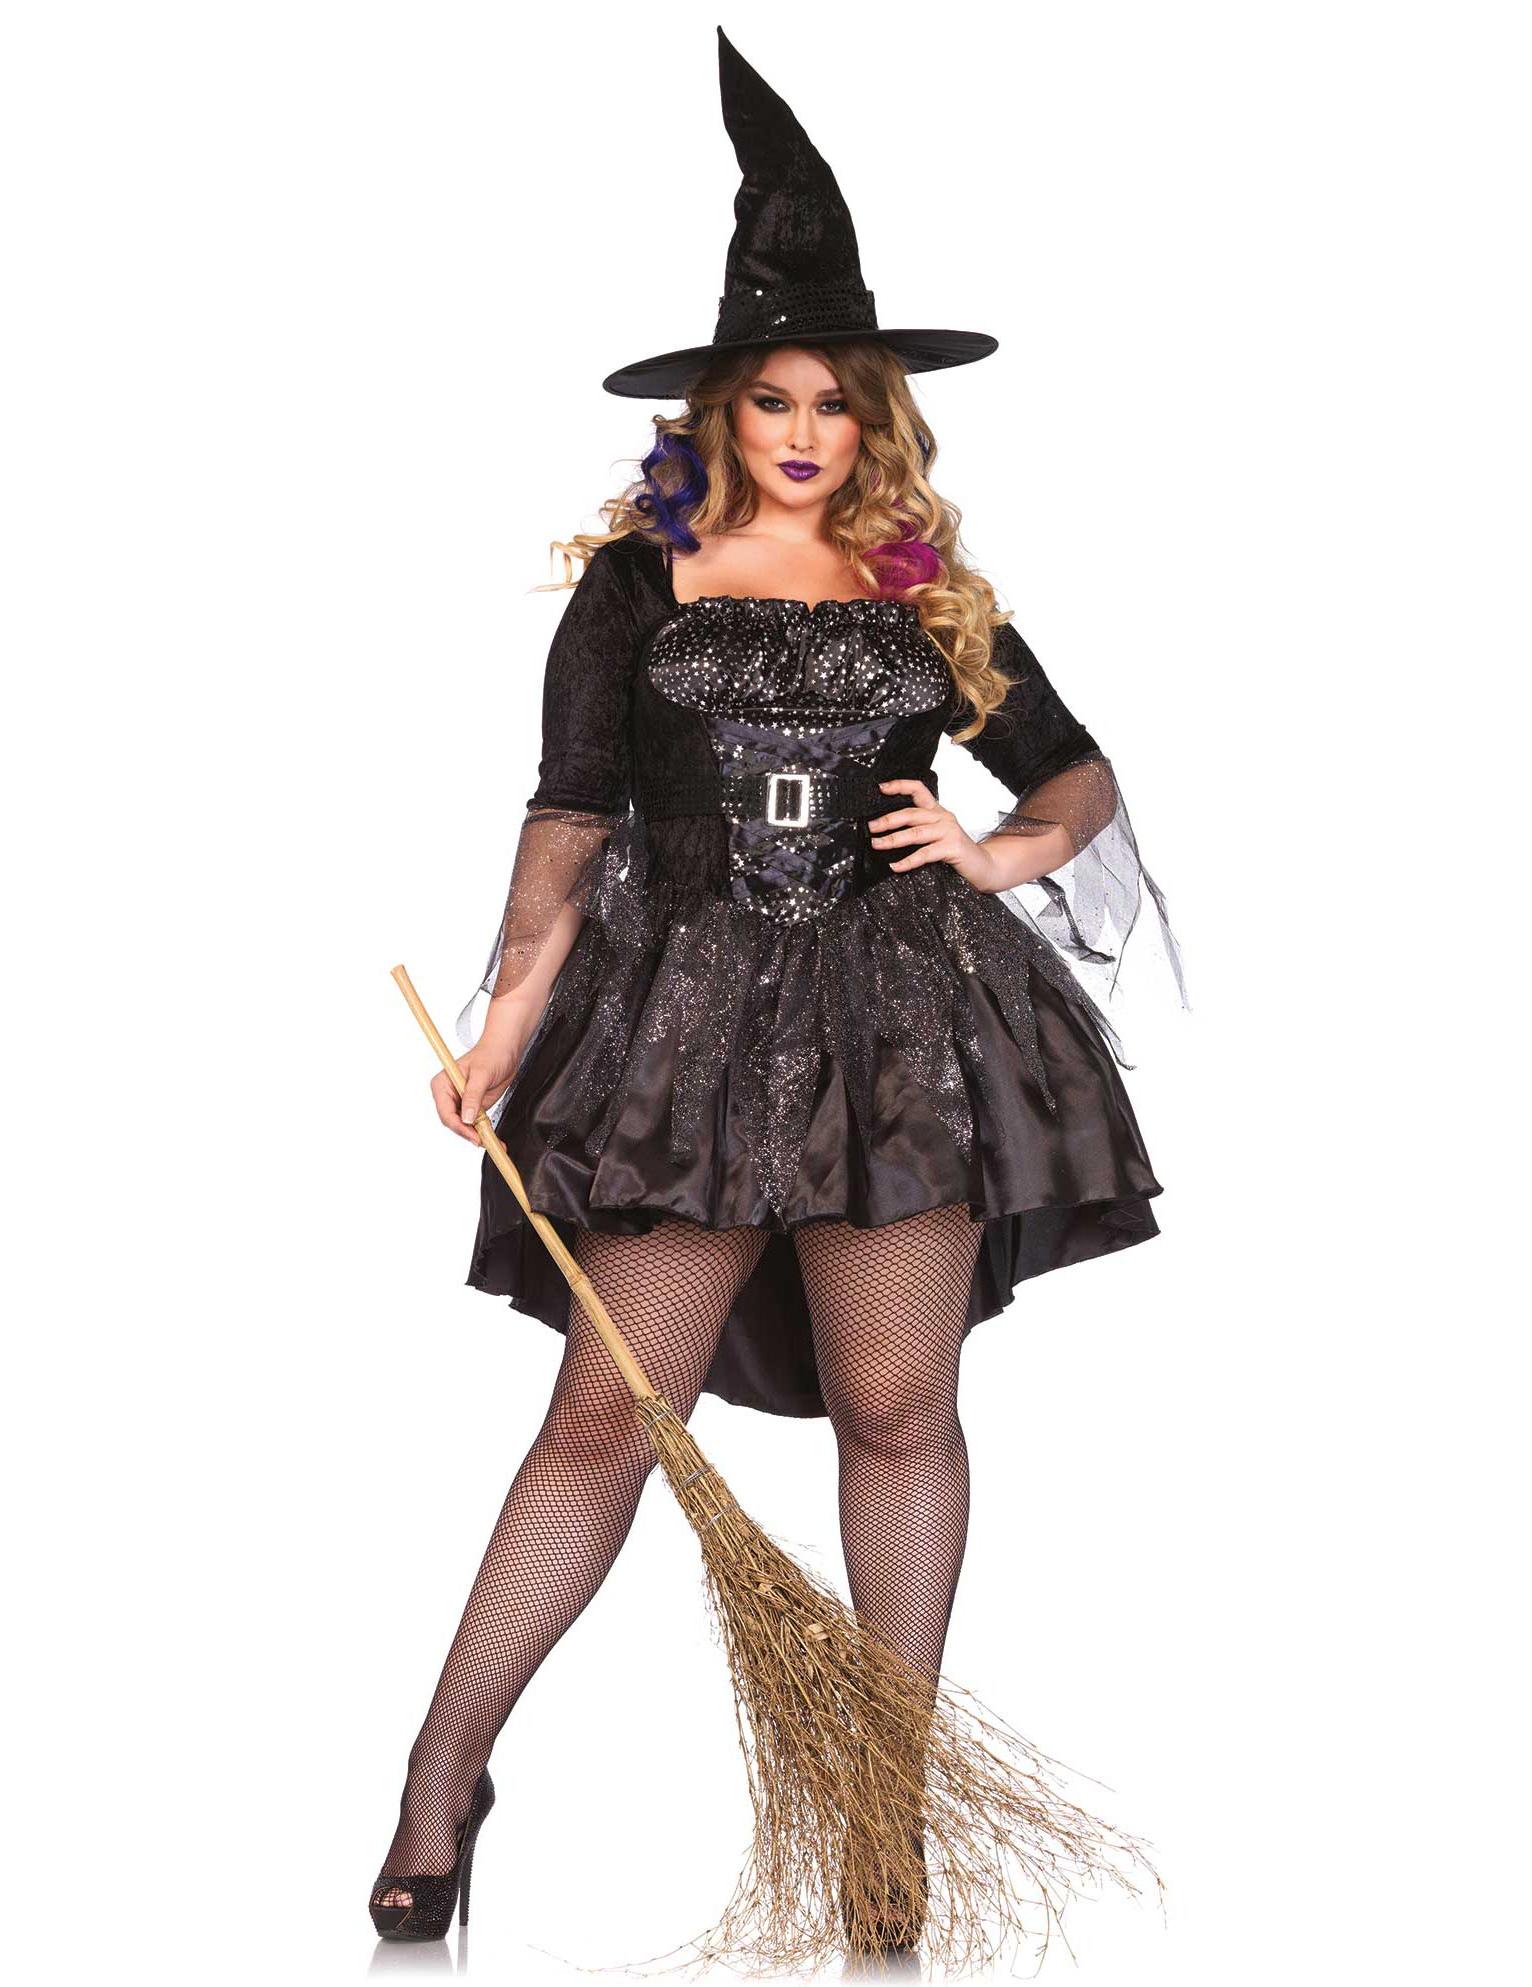 Heisse Hexe Zauberin Halloween Damenkostum Plus Size Schwarz